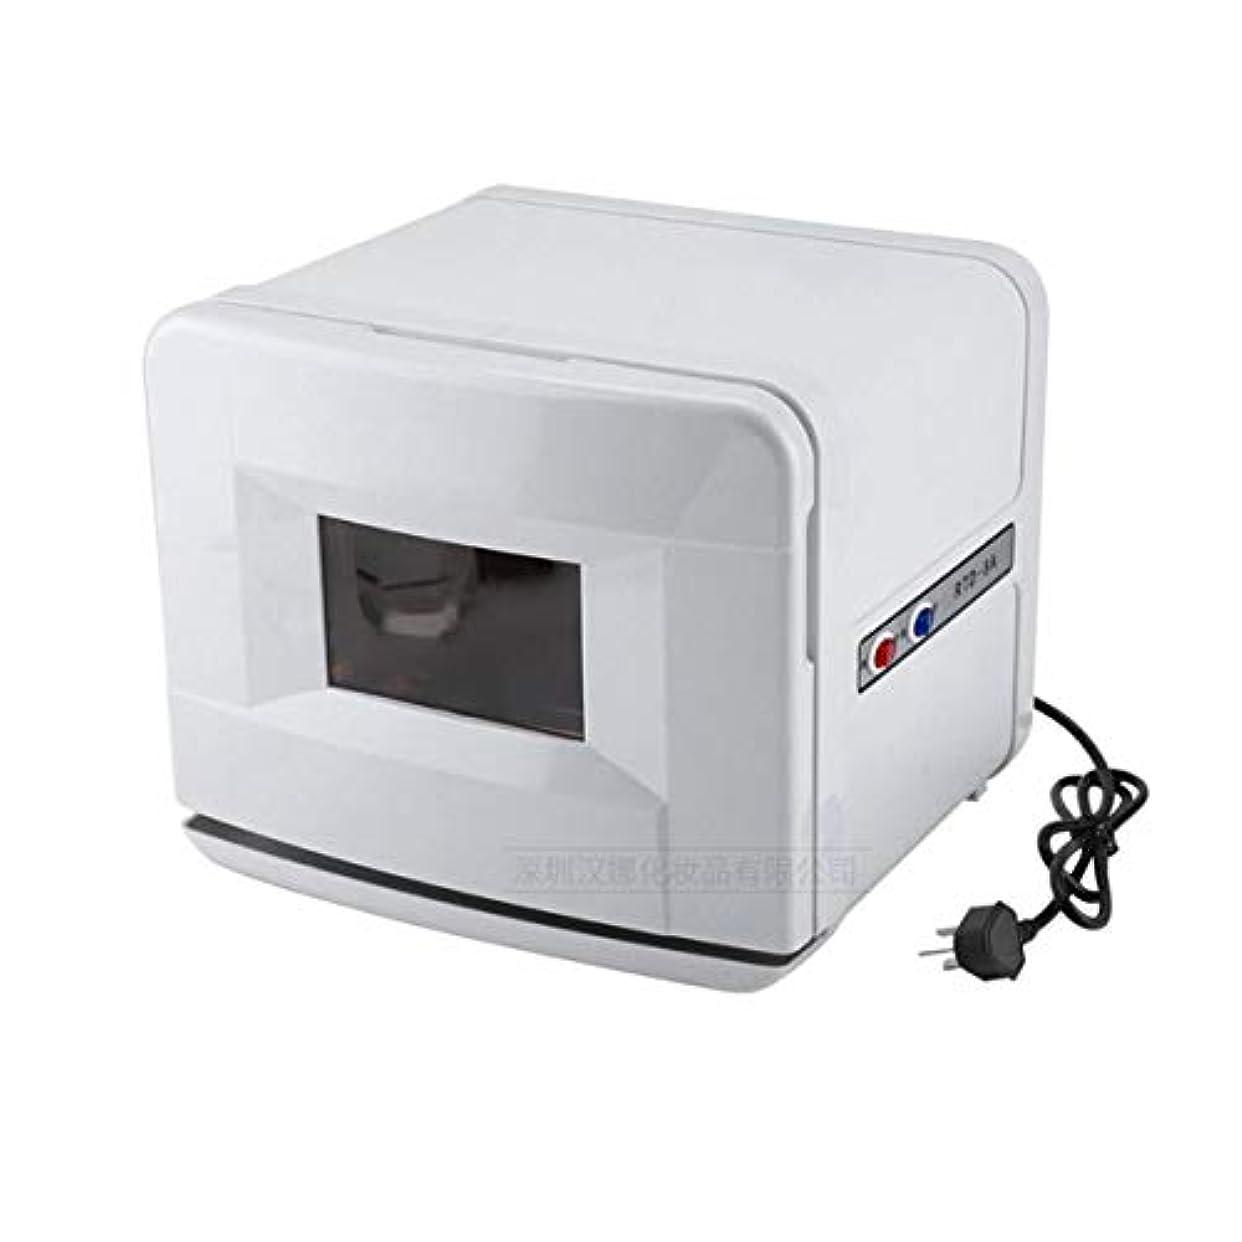 分析的インストラクタービートホテル美容ジム容量5lホワイト(32×28×27cm)に適したタオル絶縁ステンレス鋼Uvタオルヒーター殺菌消毒